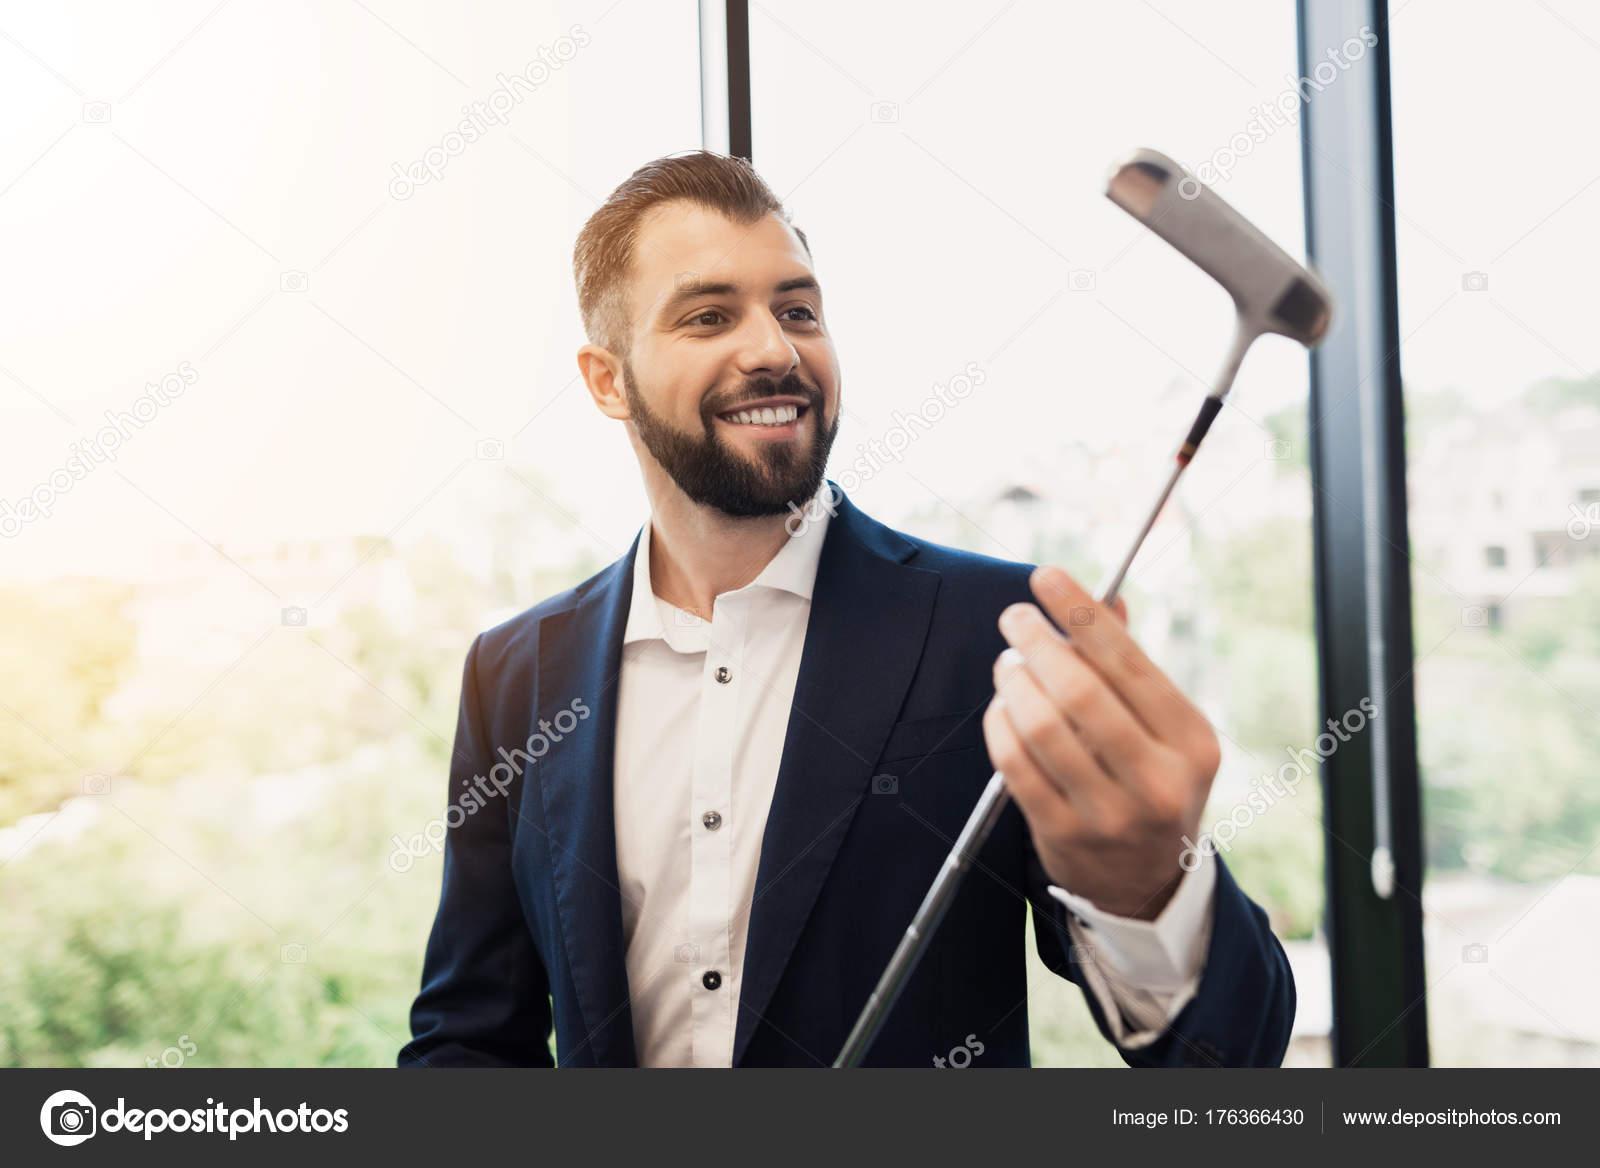 Un homme dans un costume noir respectable examine un club de golf